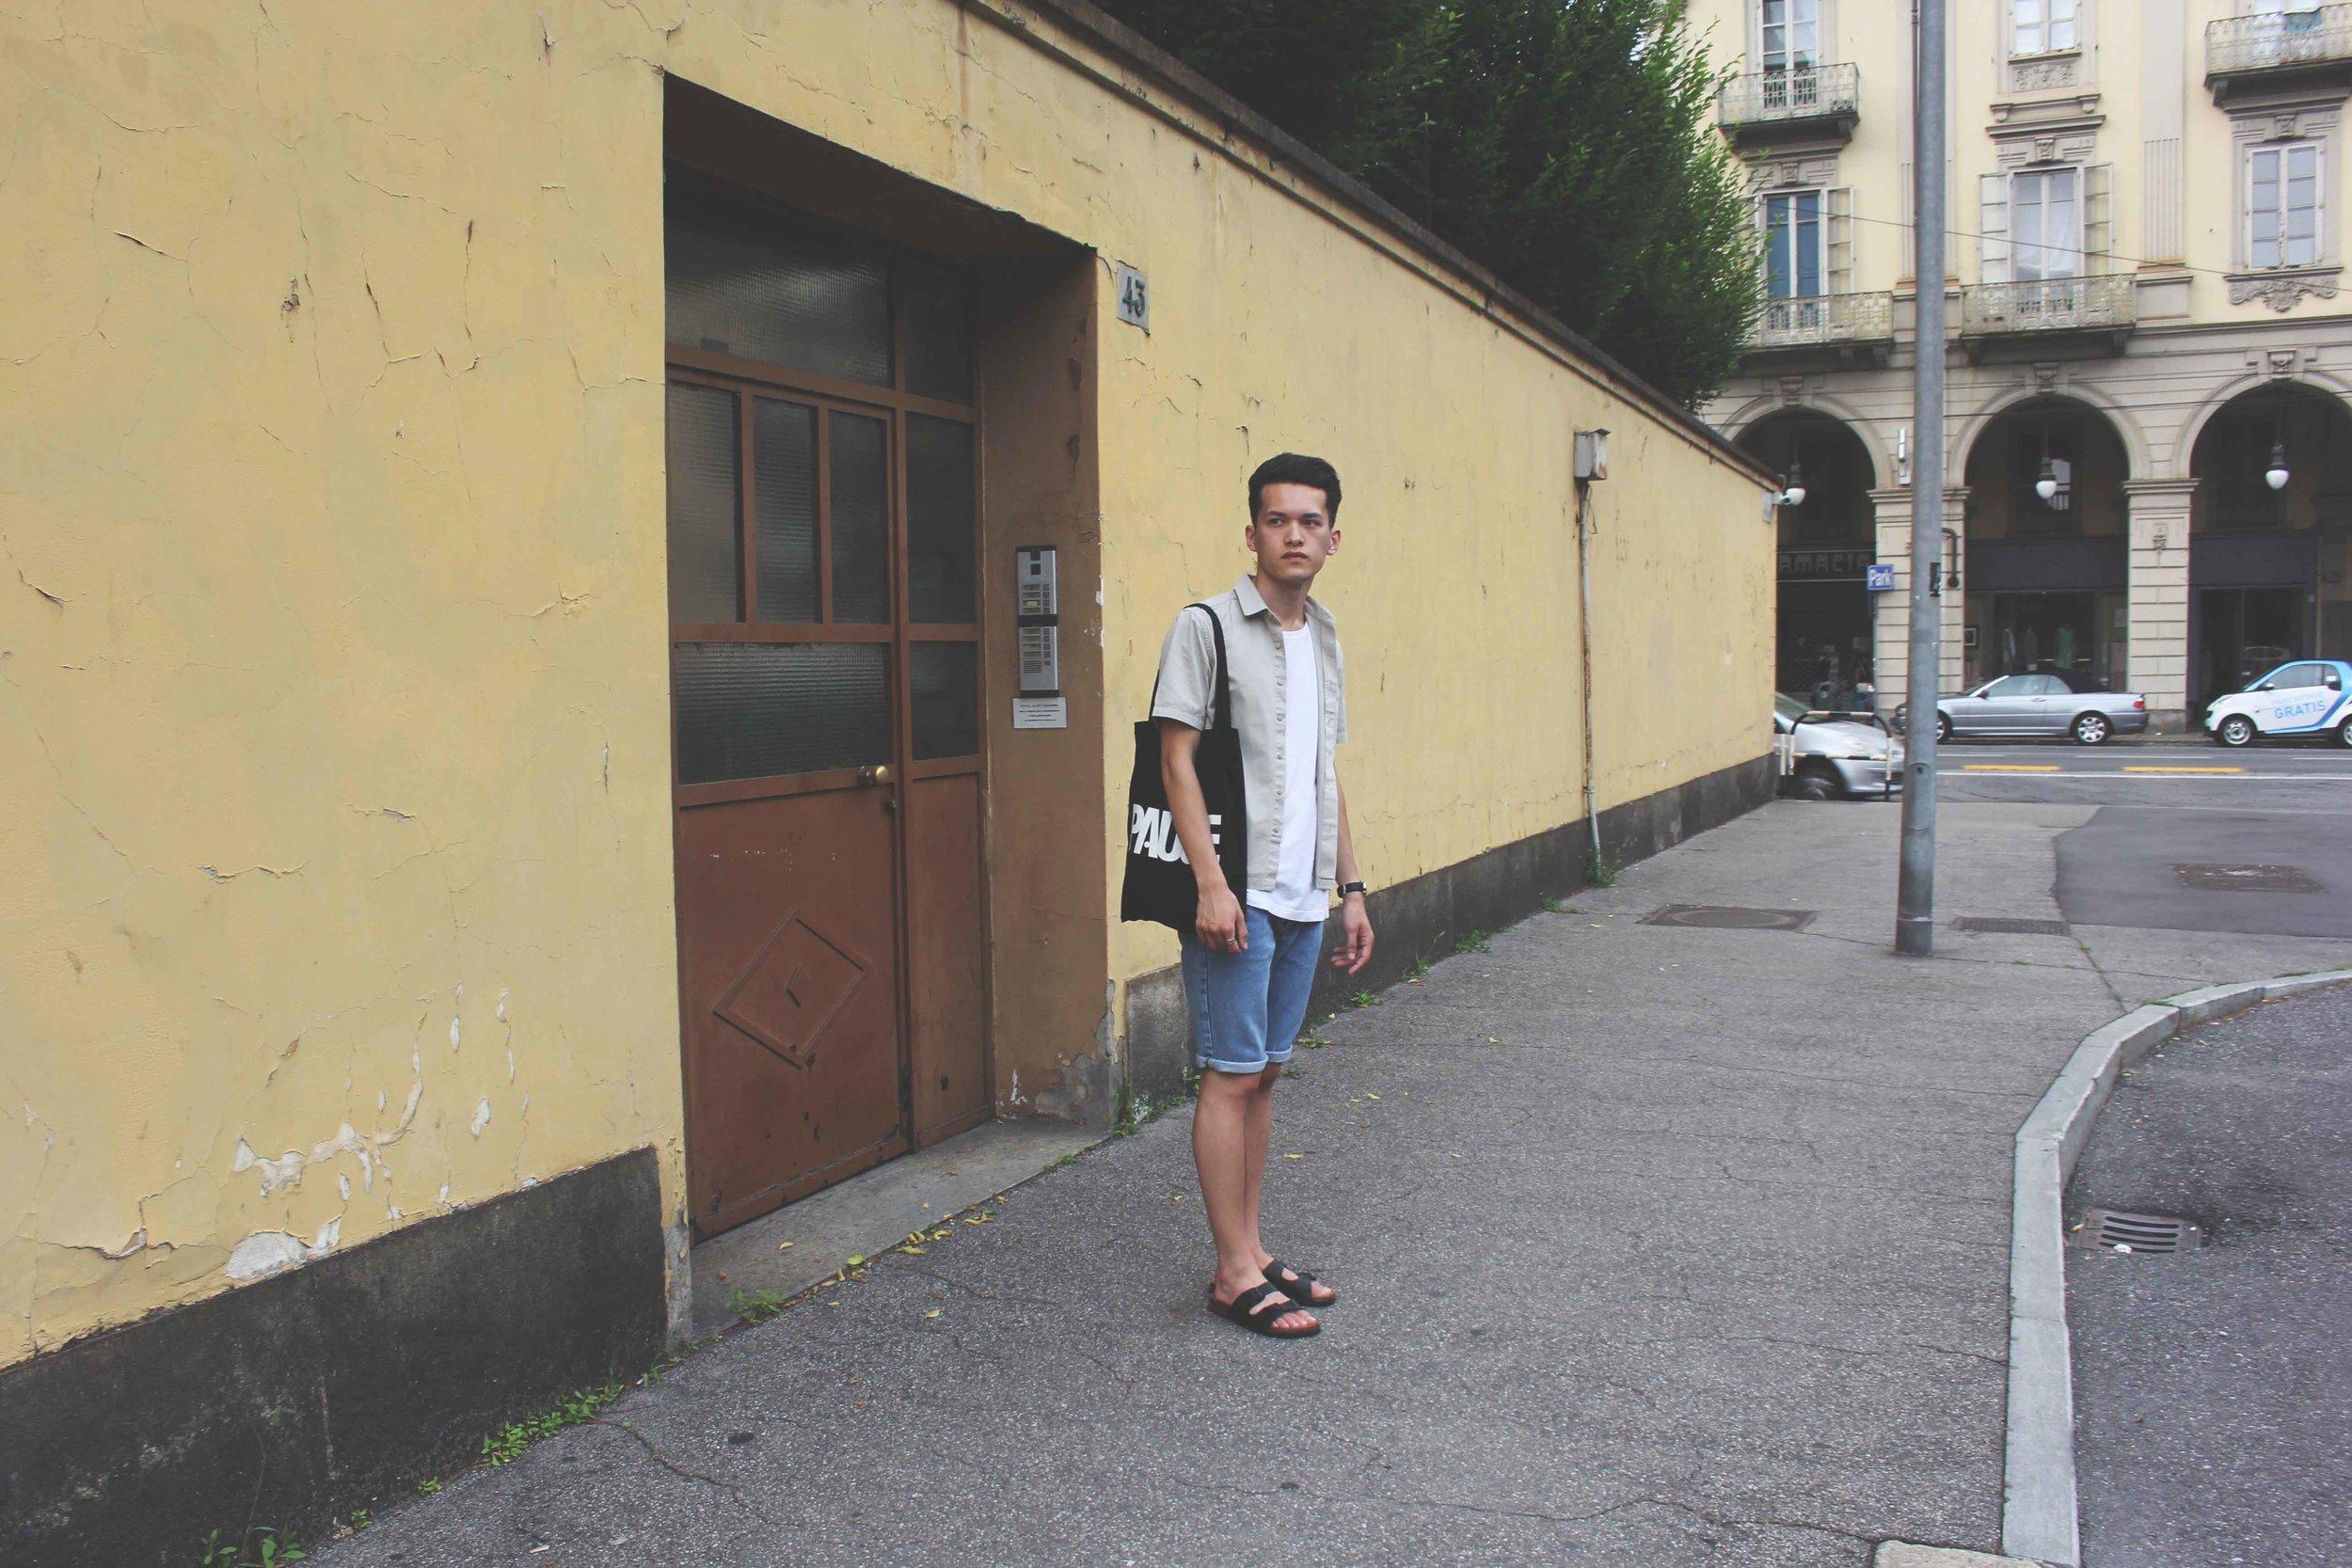 Jordan_Bunker_summer_style_2.jpg